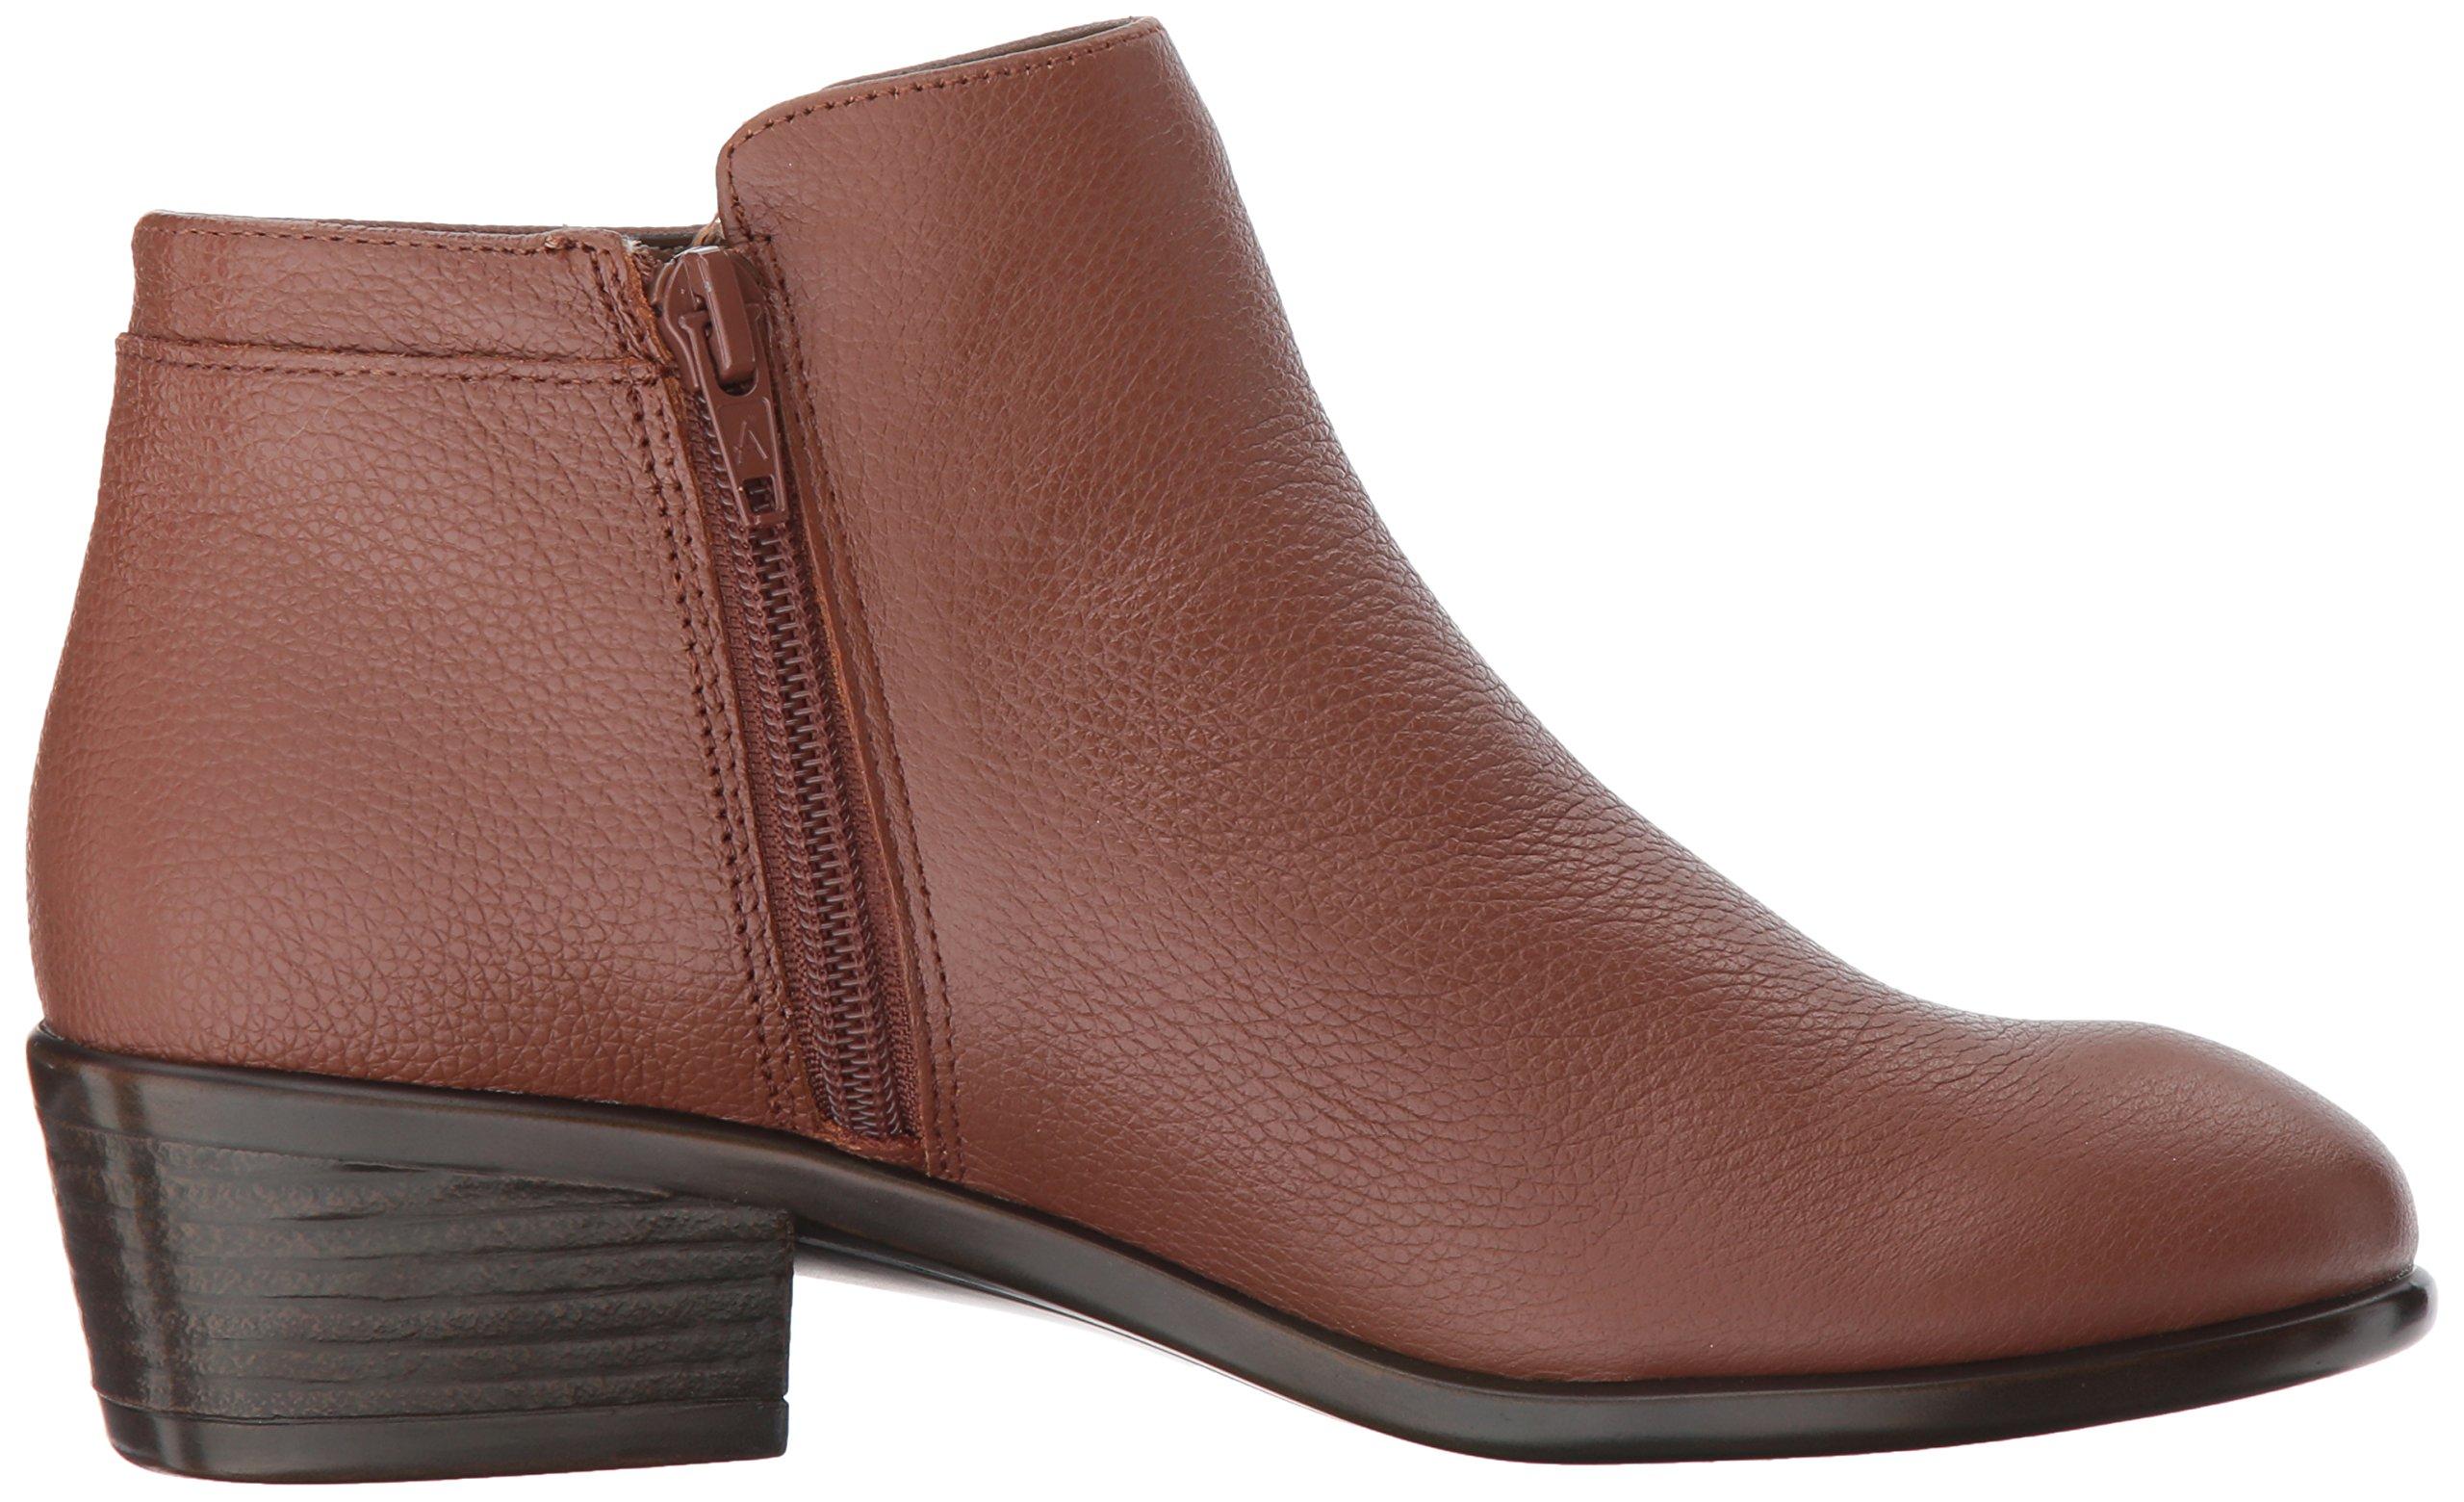 Aerosoles Women's Mythology Boot, Dark Tan Leather, 9 W US by Aerosoles (Image #7)